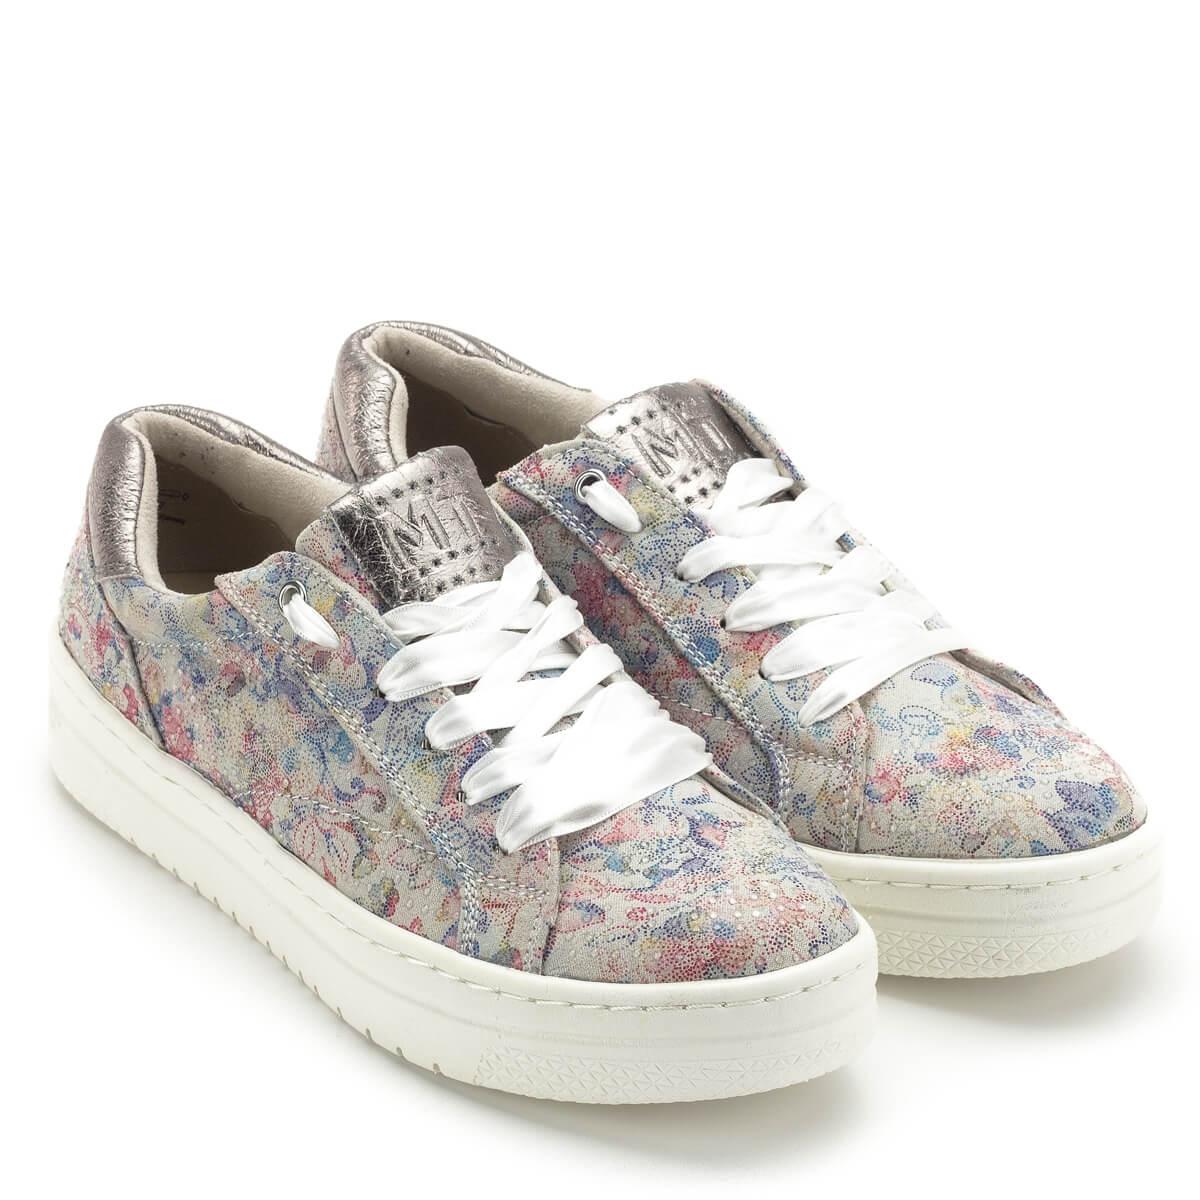 Marco Tozzi Nyári cipők webshop | ShopAlike.hu